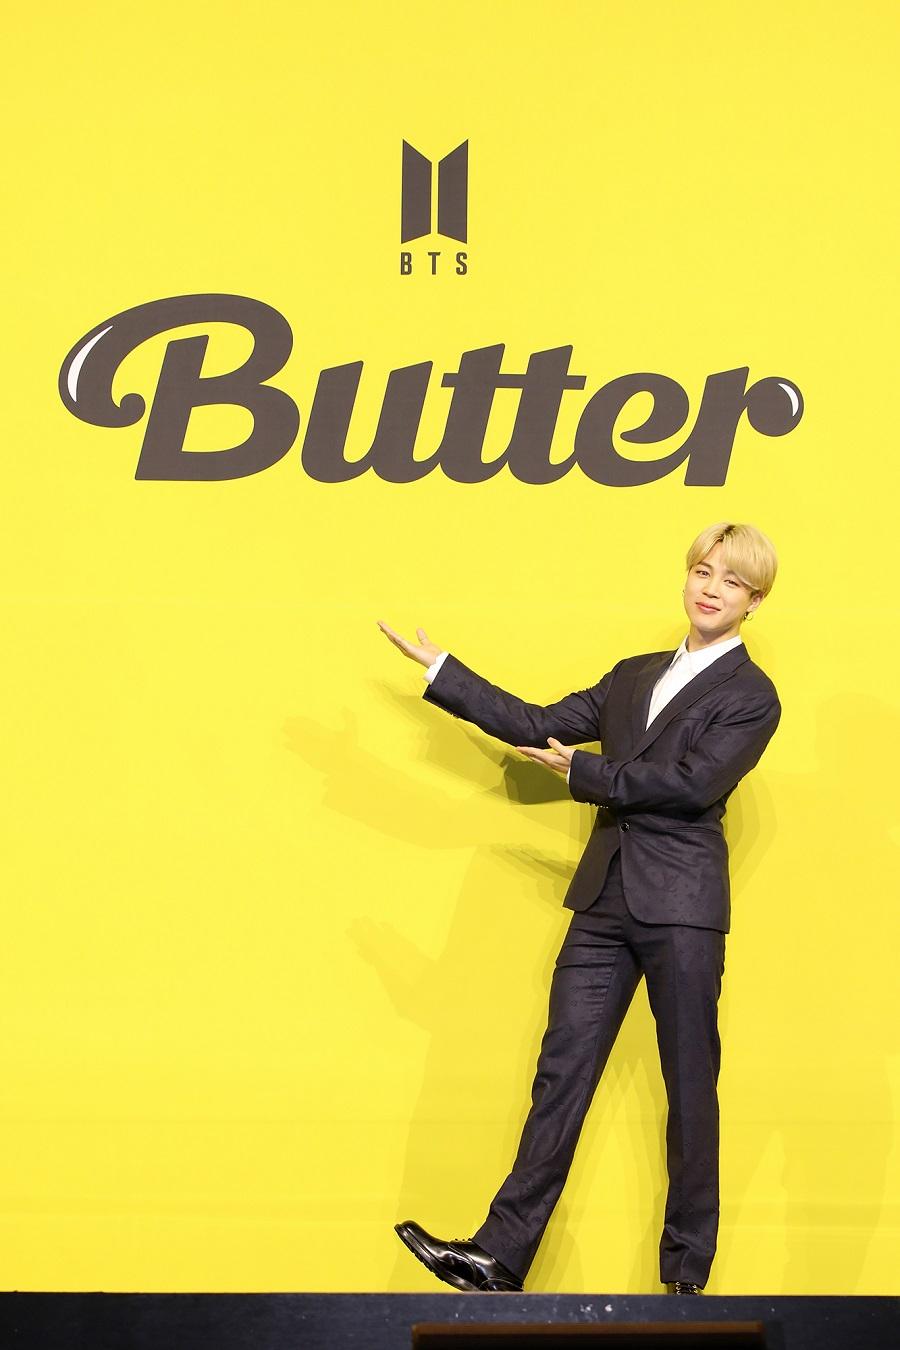 BTS JIMIN_Butter GlobalPress (1)